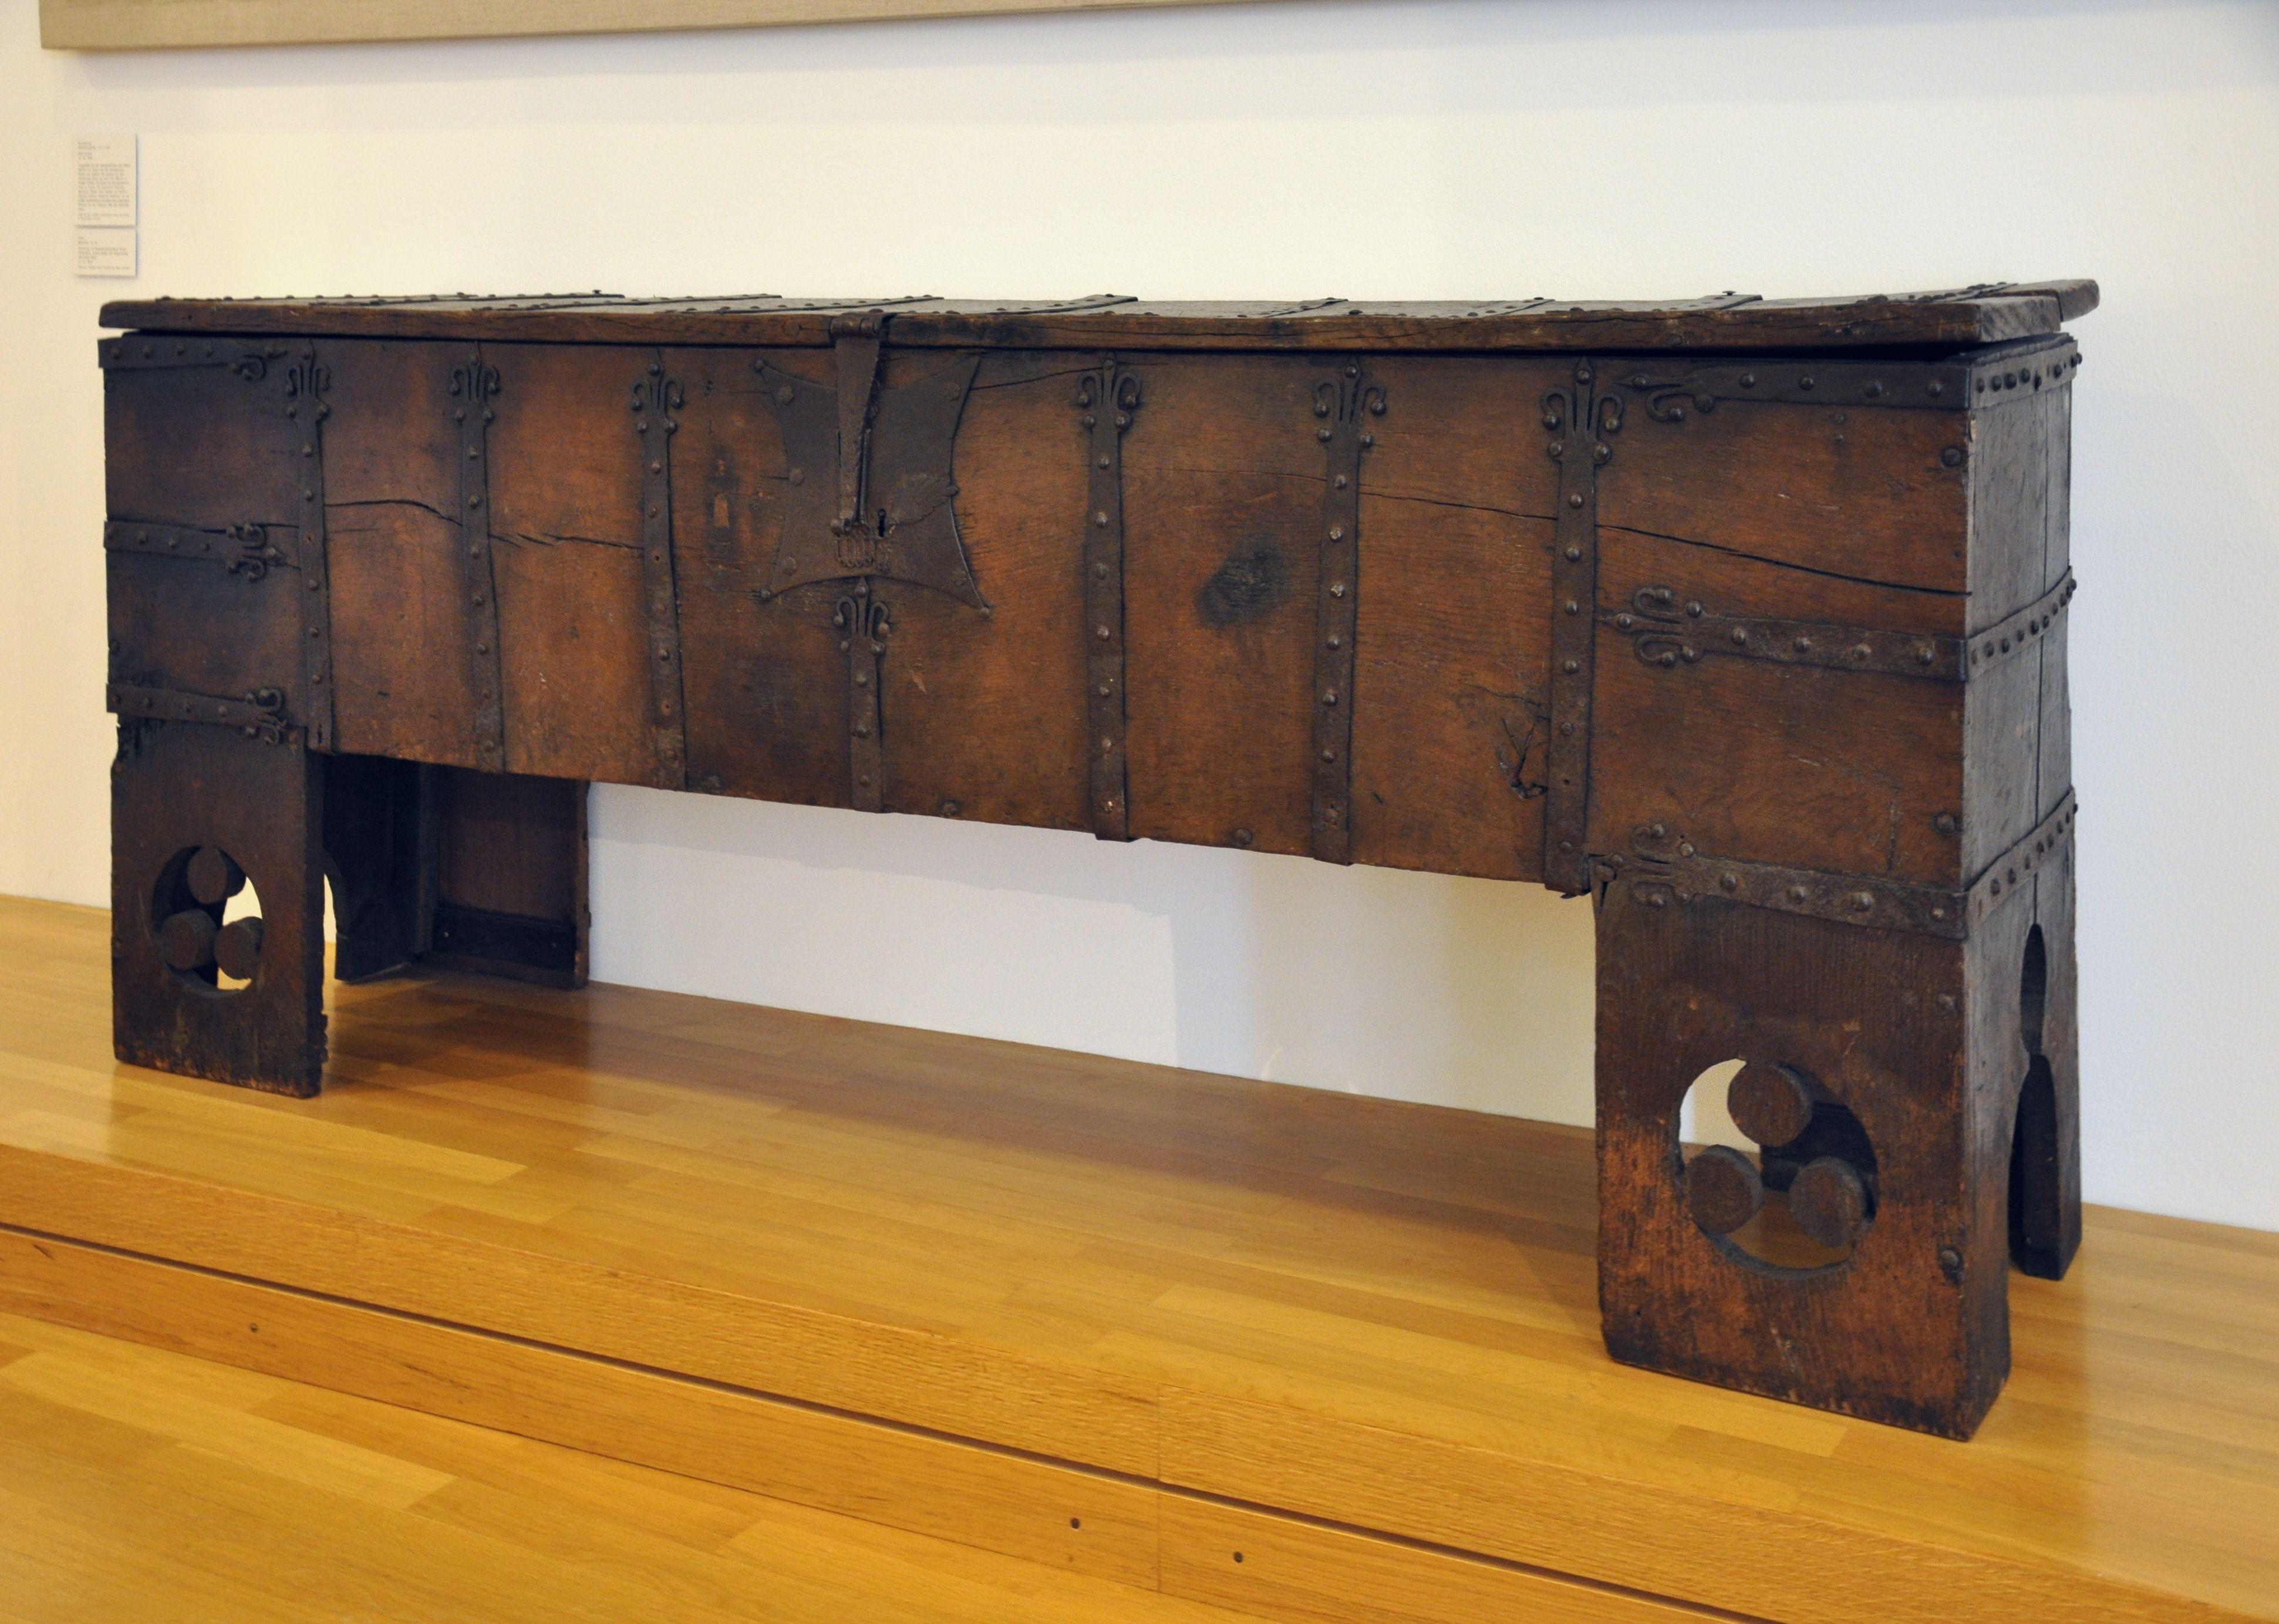 truhe museum f r angewandte kunst frankfurt. Black Bedroom Furniture Sets. Home Design Ideas